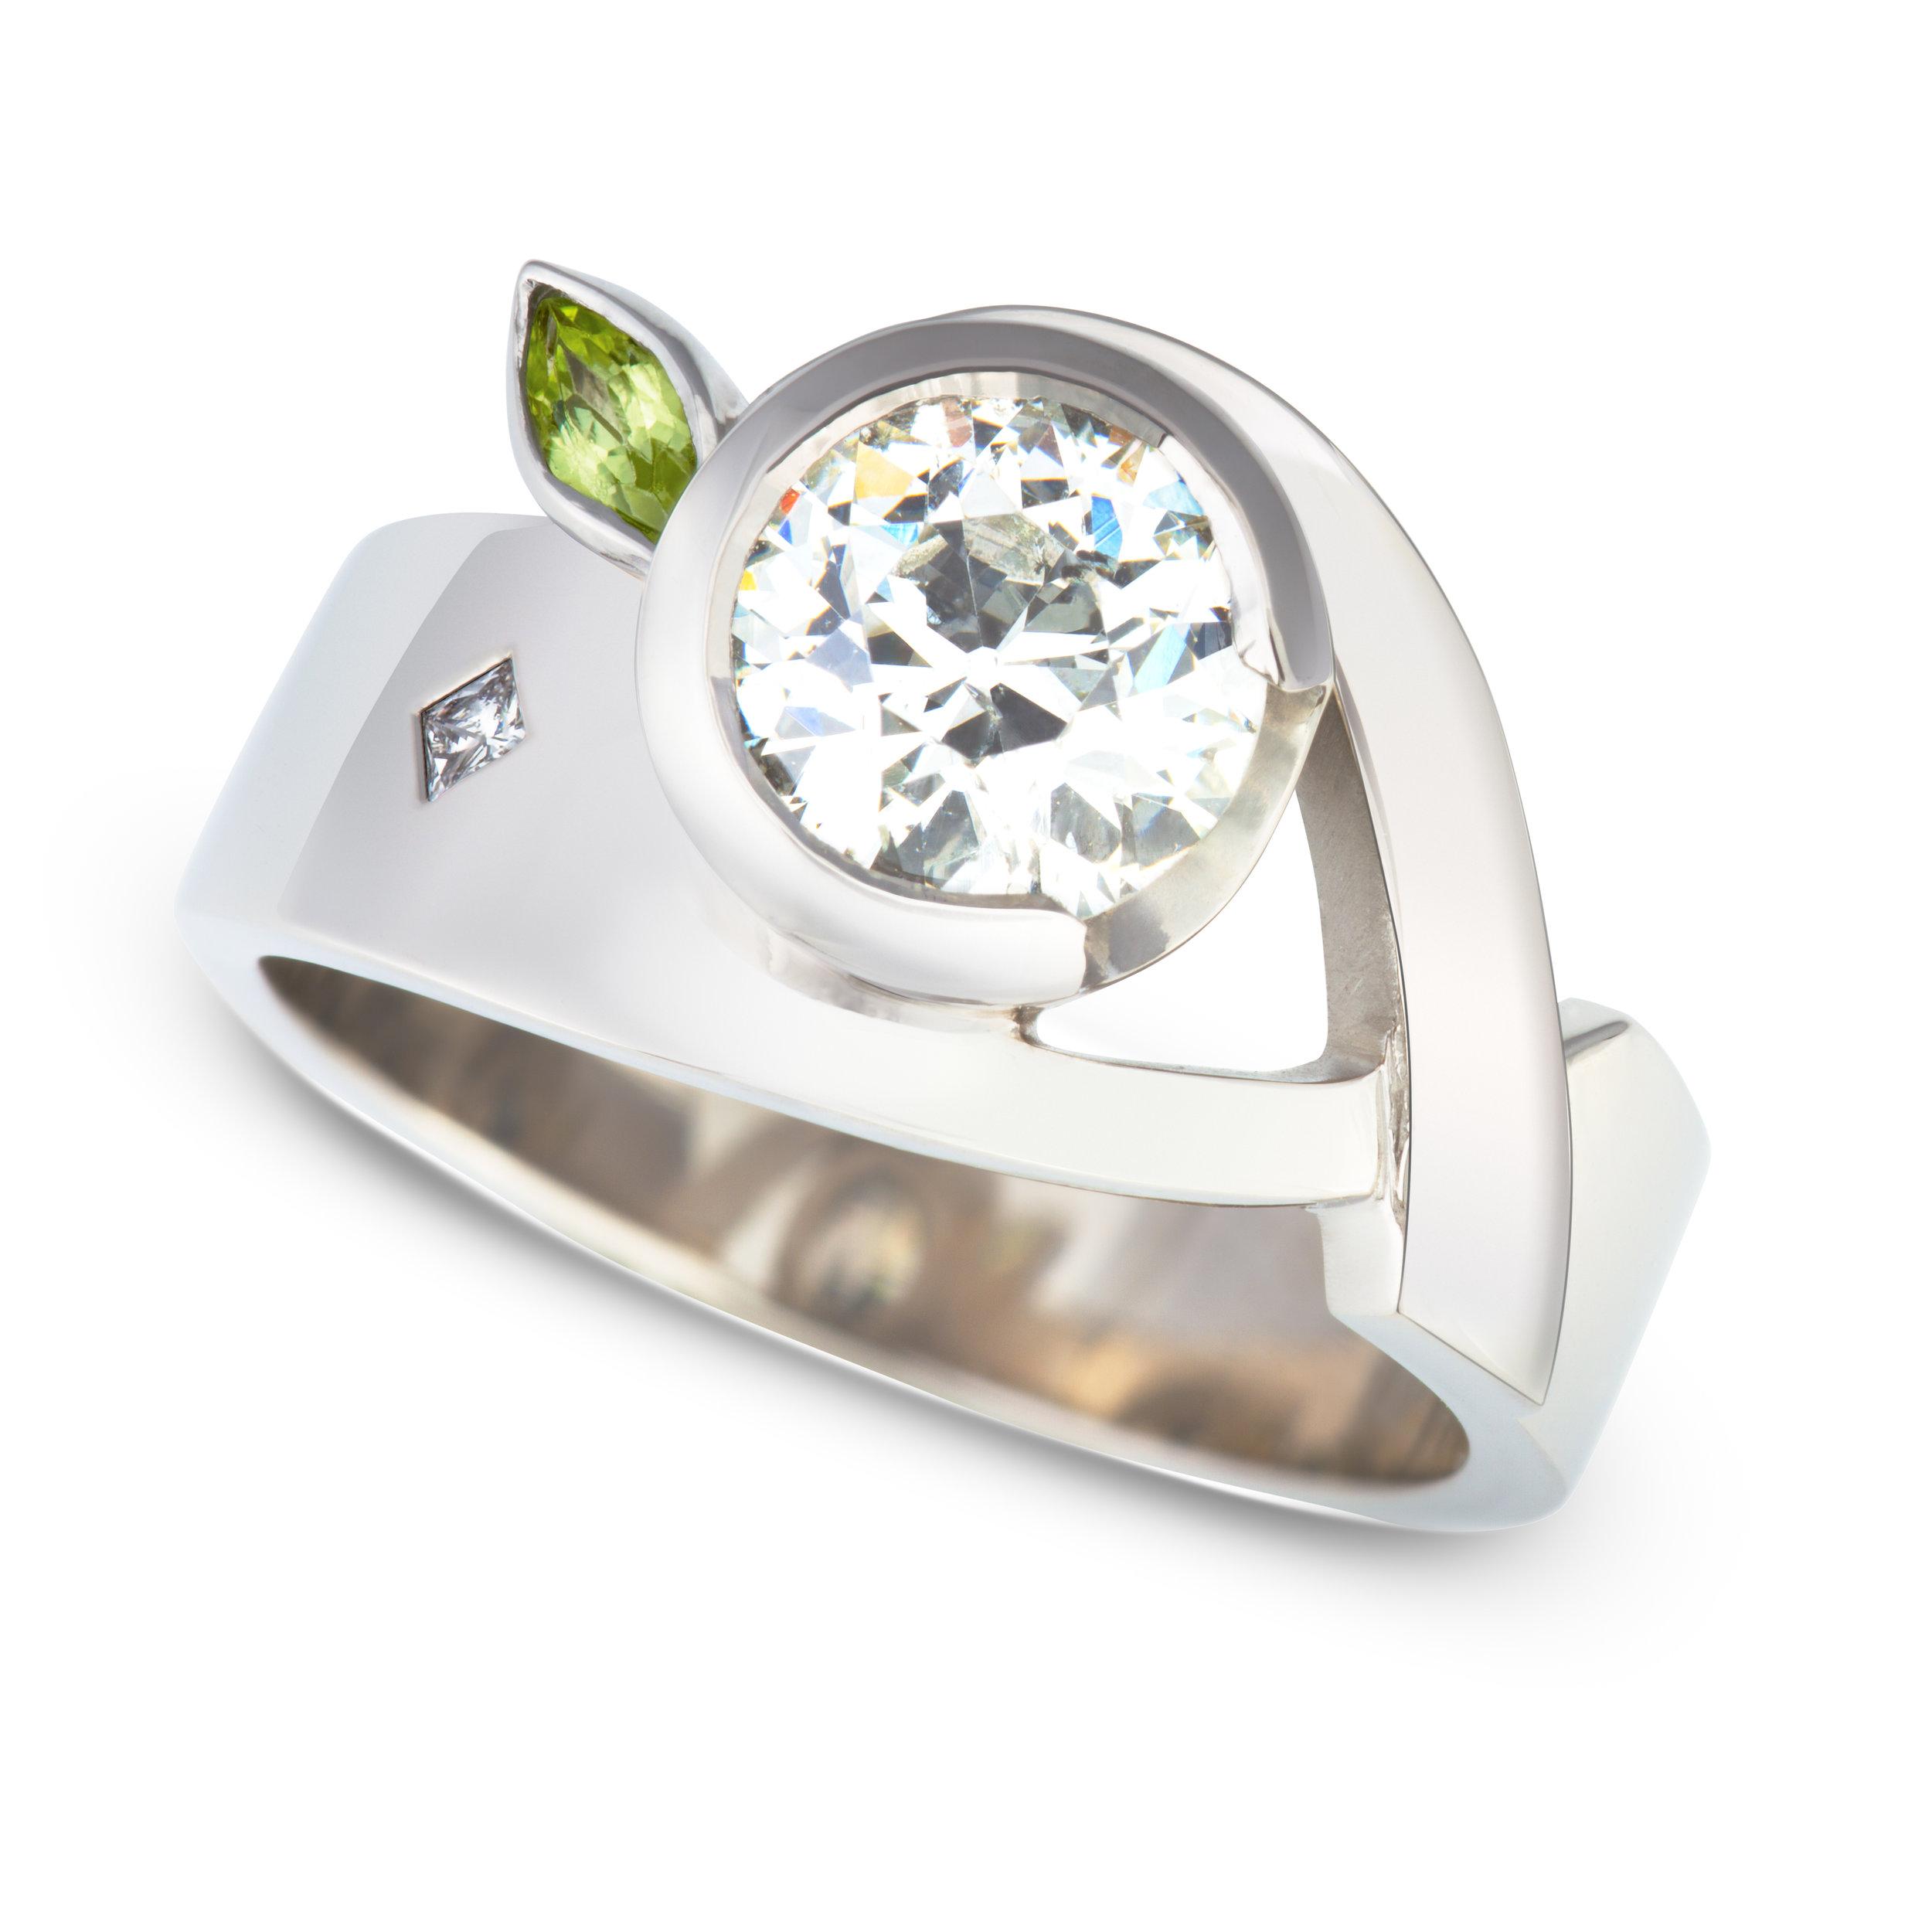 Bespoke palladium, diamond and peridot ring commission